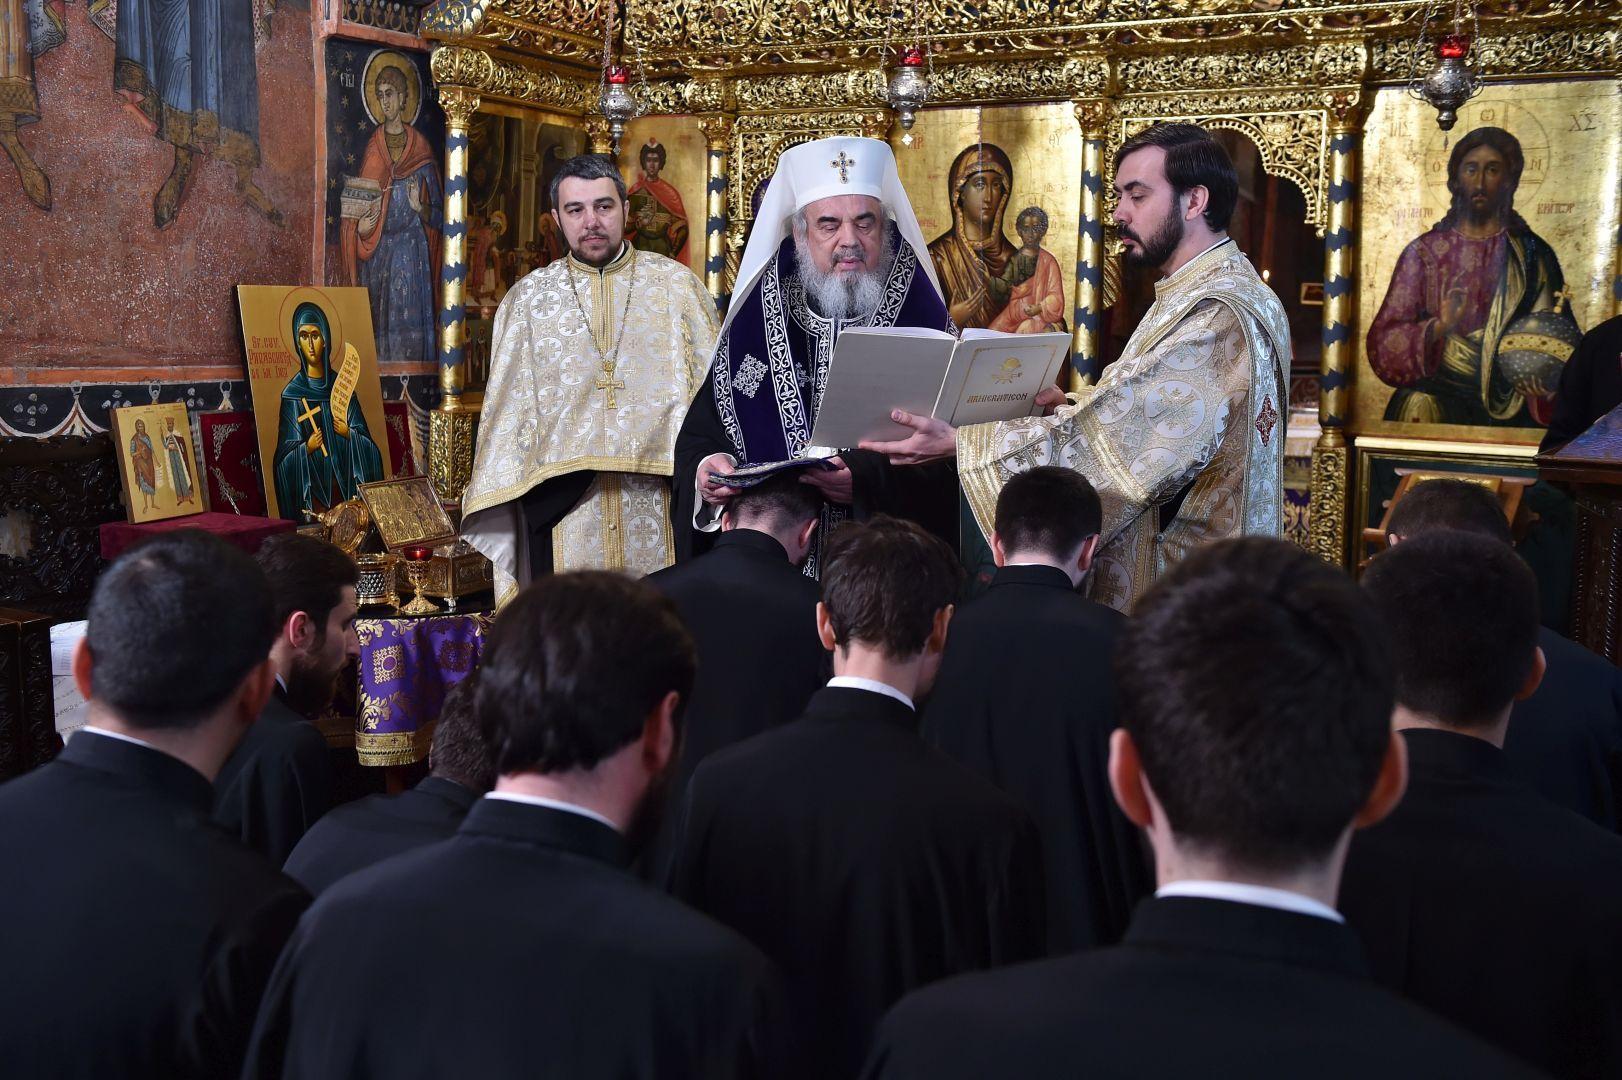 Patriarhul-Daniel-către-noiii-duhovnici-Spovedania-este-medicină-duhovnicească-3